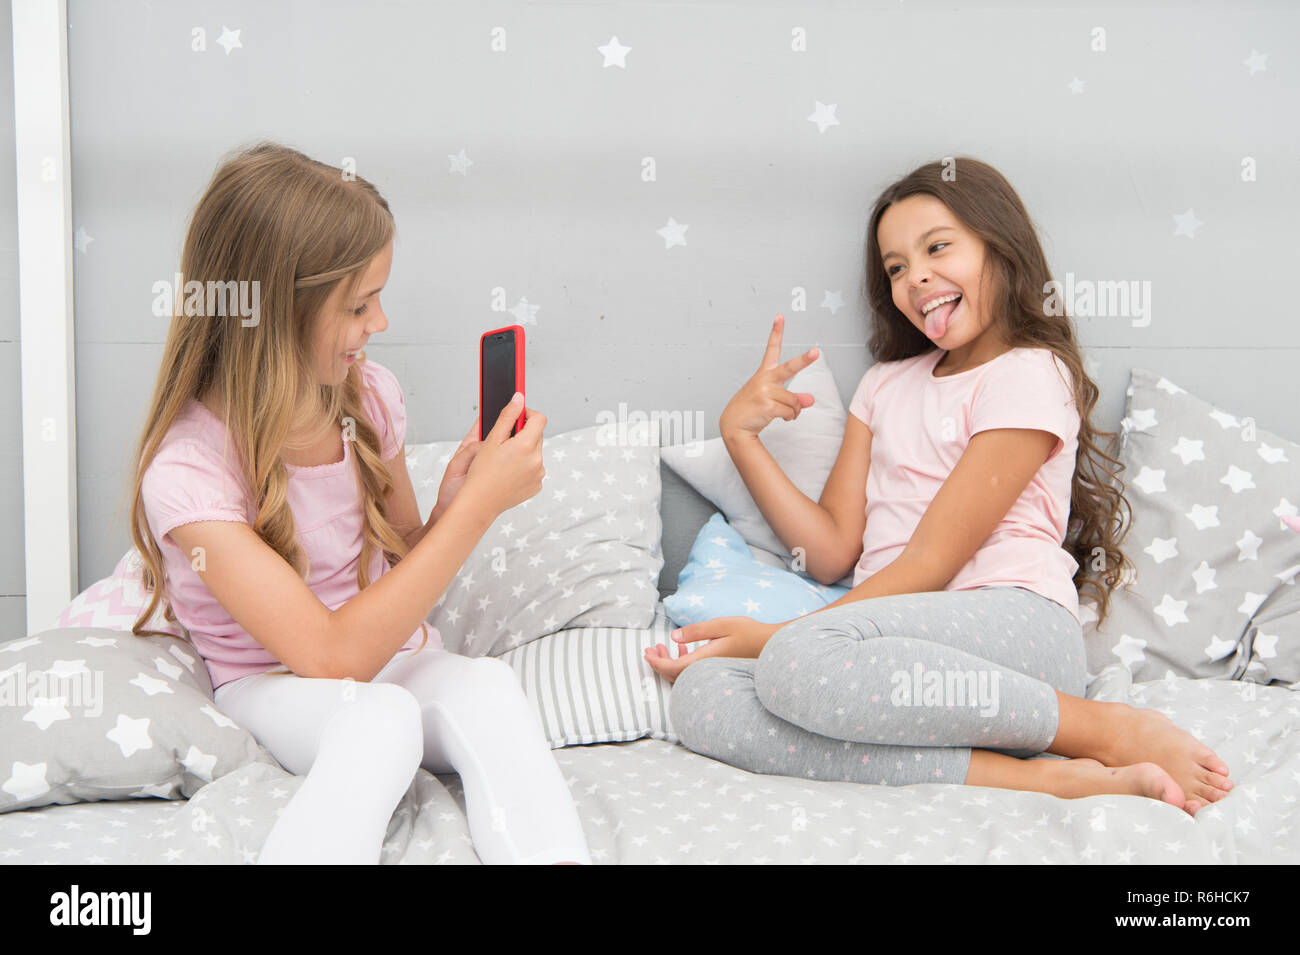 Reti sociali di concetto. Ragazze amici prendendo la foto per le reti sociali. Streaming Online vlog channel. Sorelle in pigiama camera da letto potrete rilassarvi e prendere foto divertenti per il social network account. Svago e divertimento. Immagini Stock